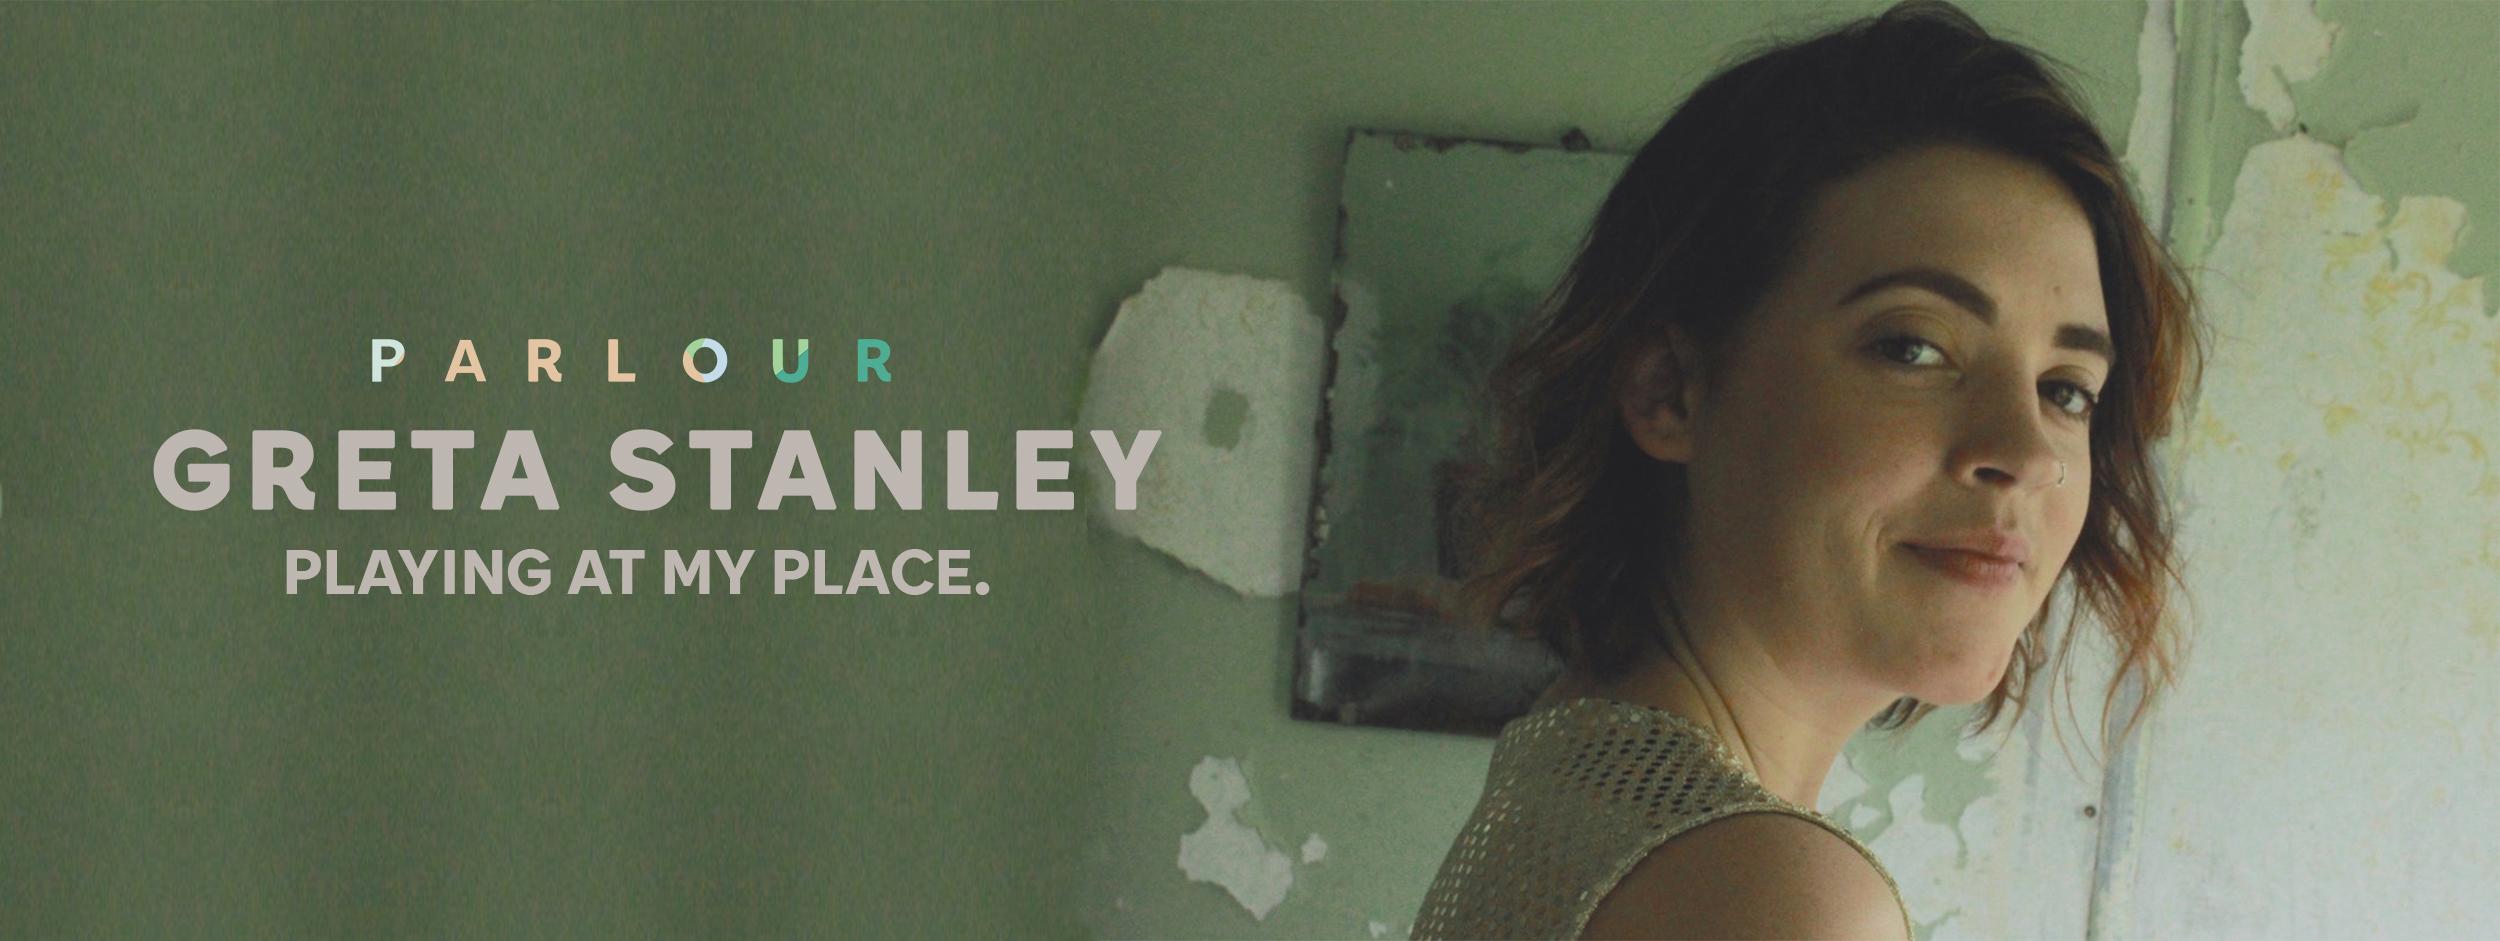 Greta Stanley Banner.jpg